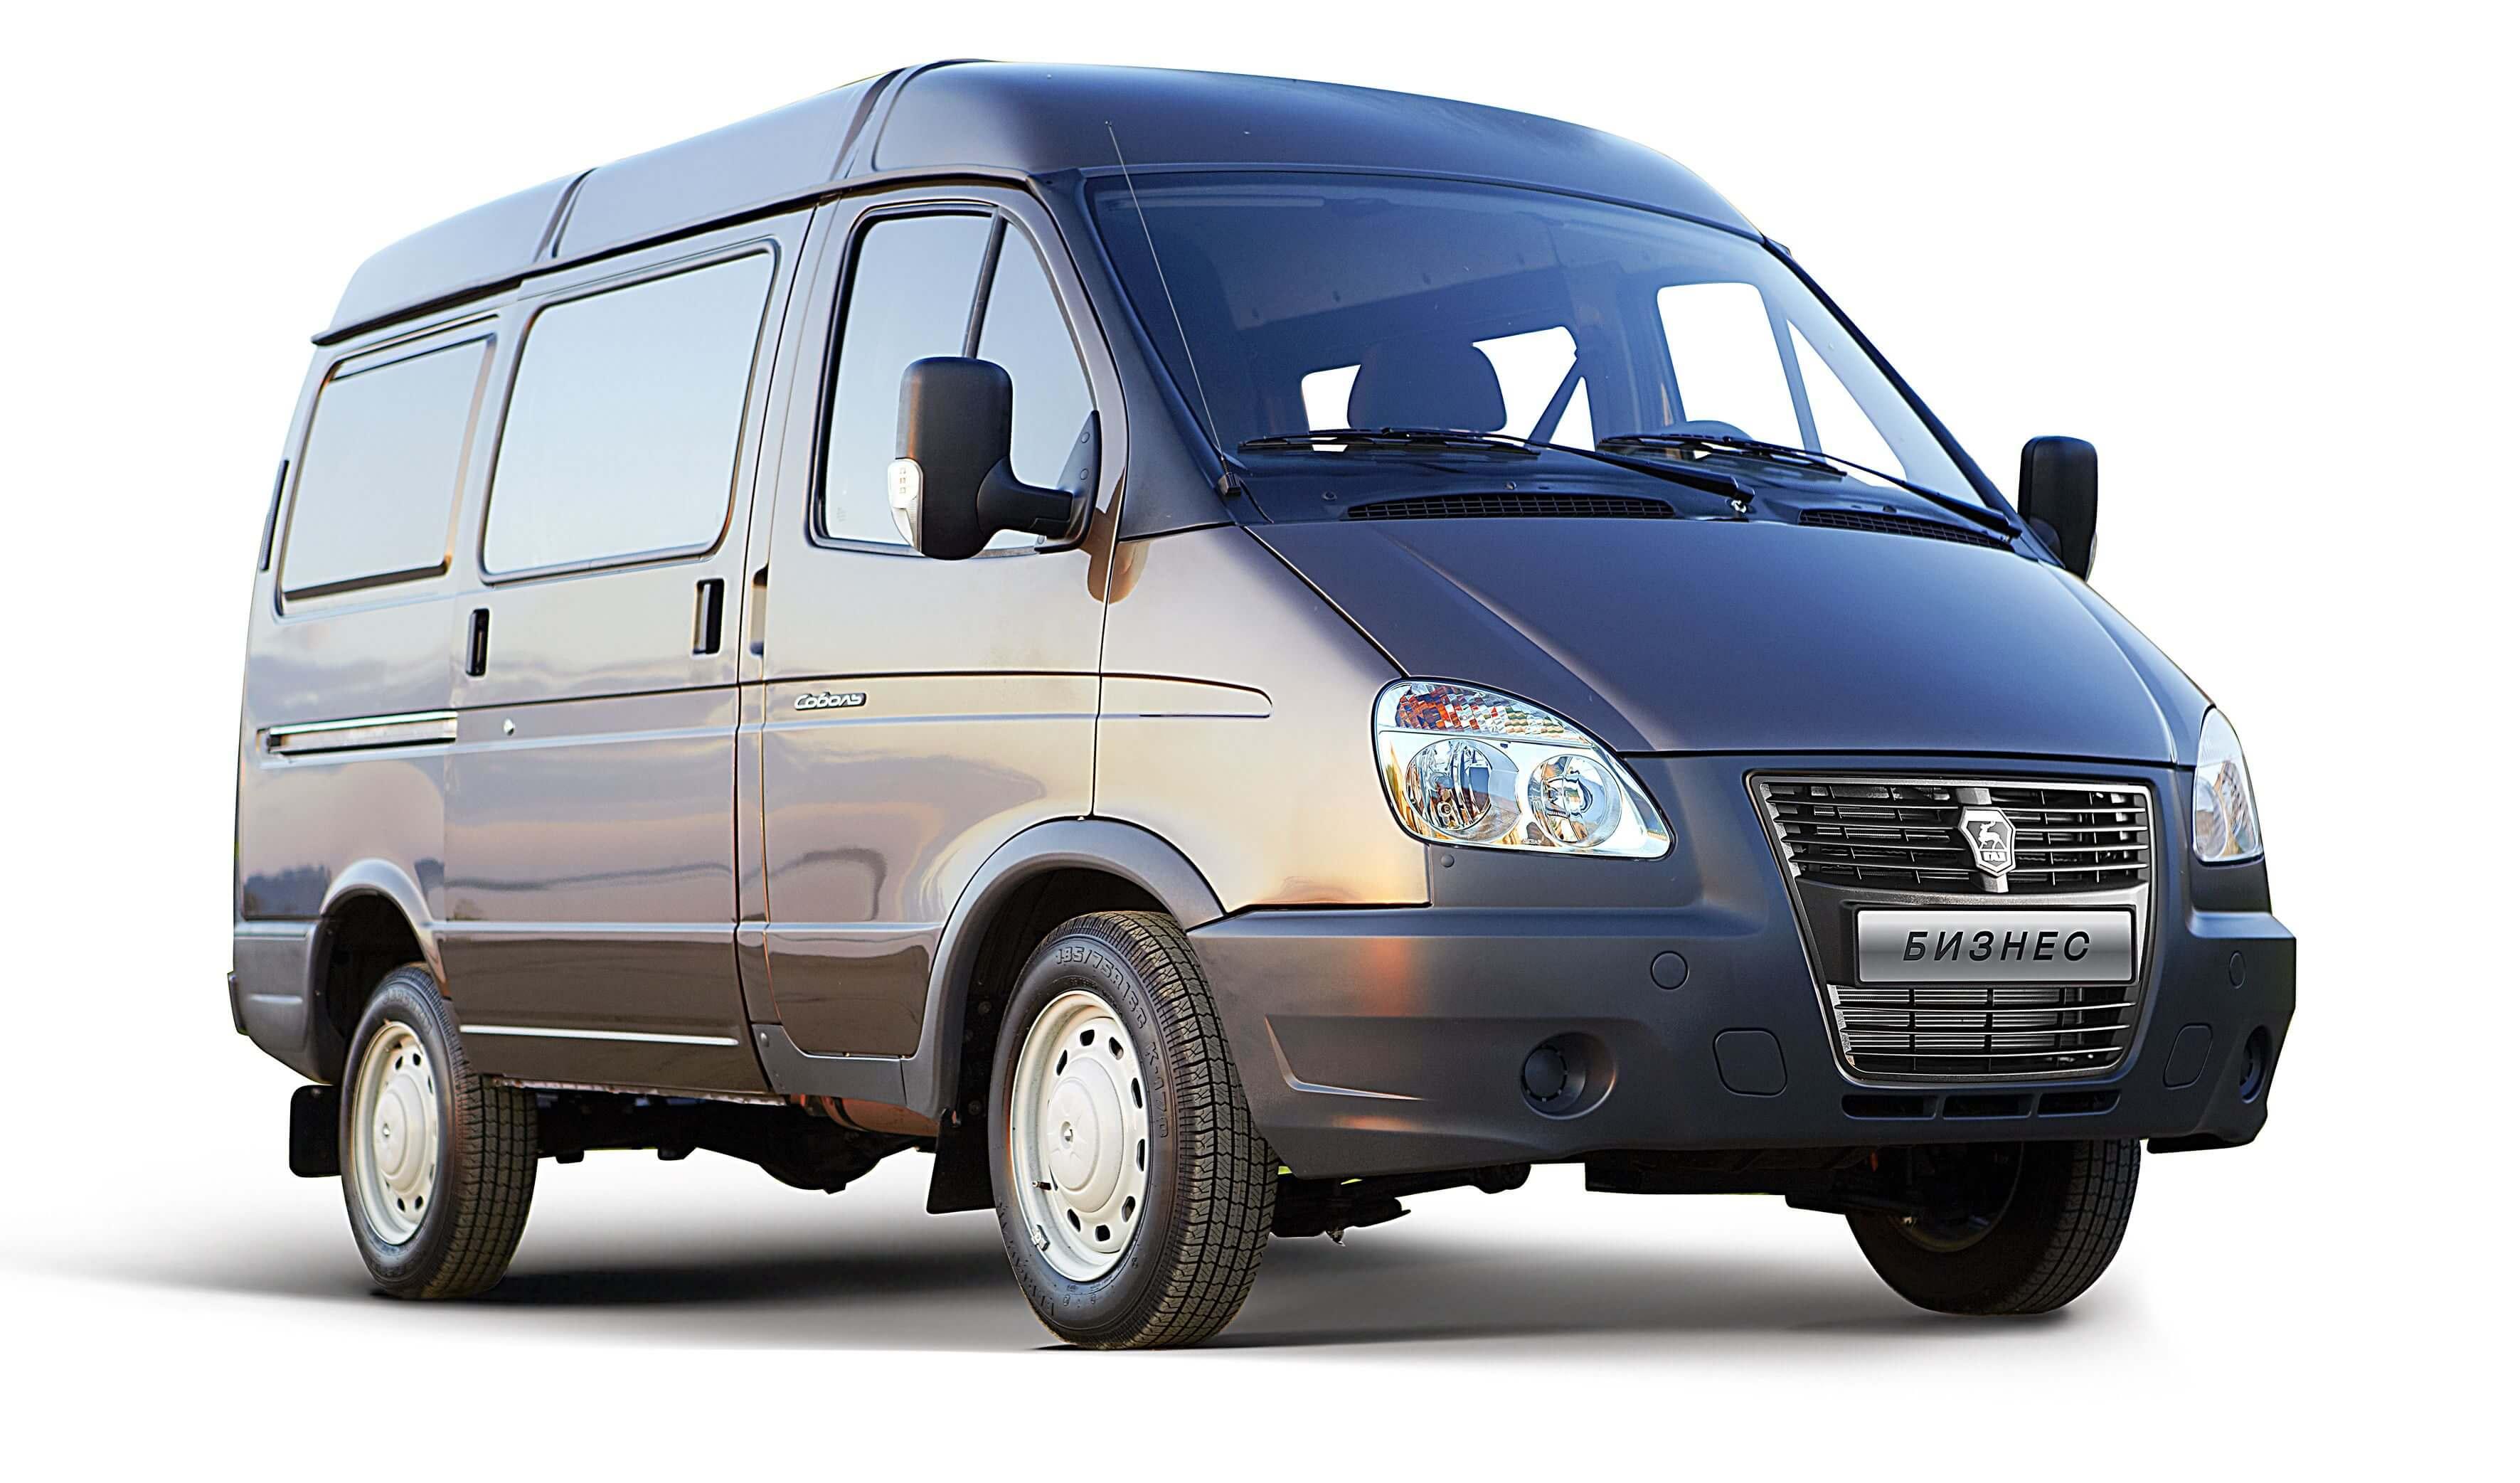 ГАЗ-2752 - технические характеристики, модификации, фото, видео